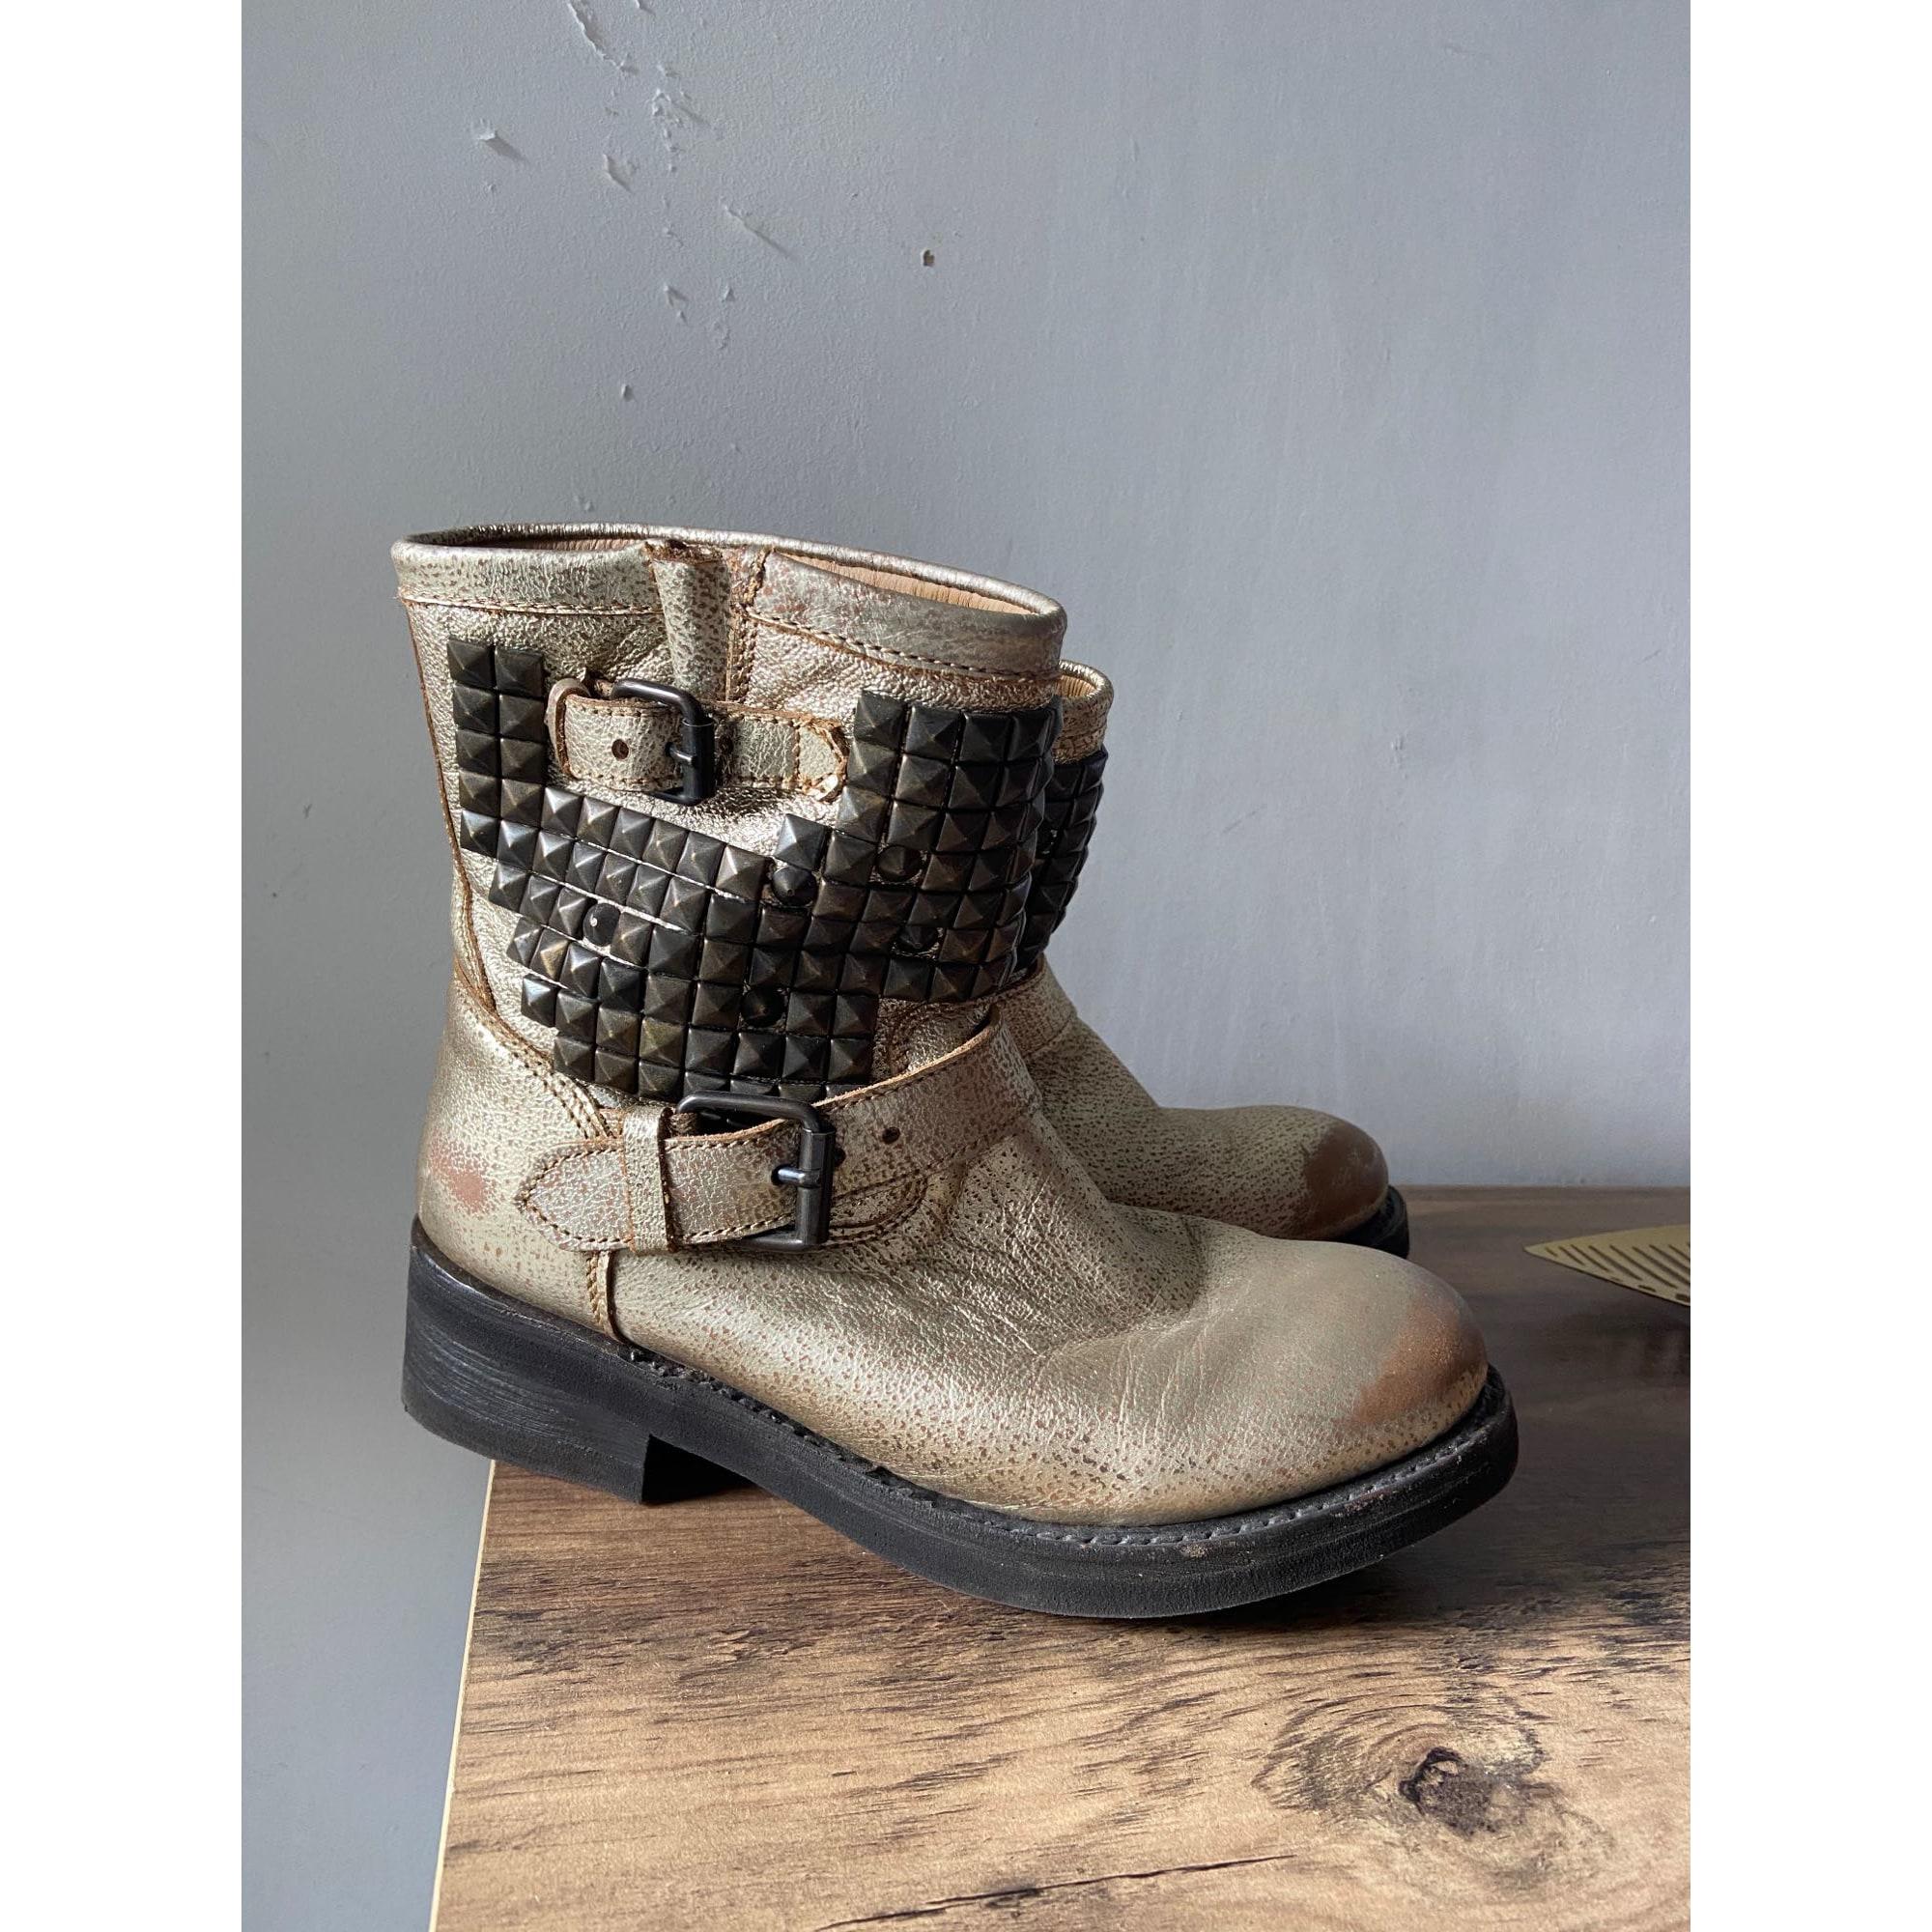 Bottines & low boots motards ASH Doré, bronze, cuivre